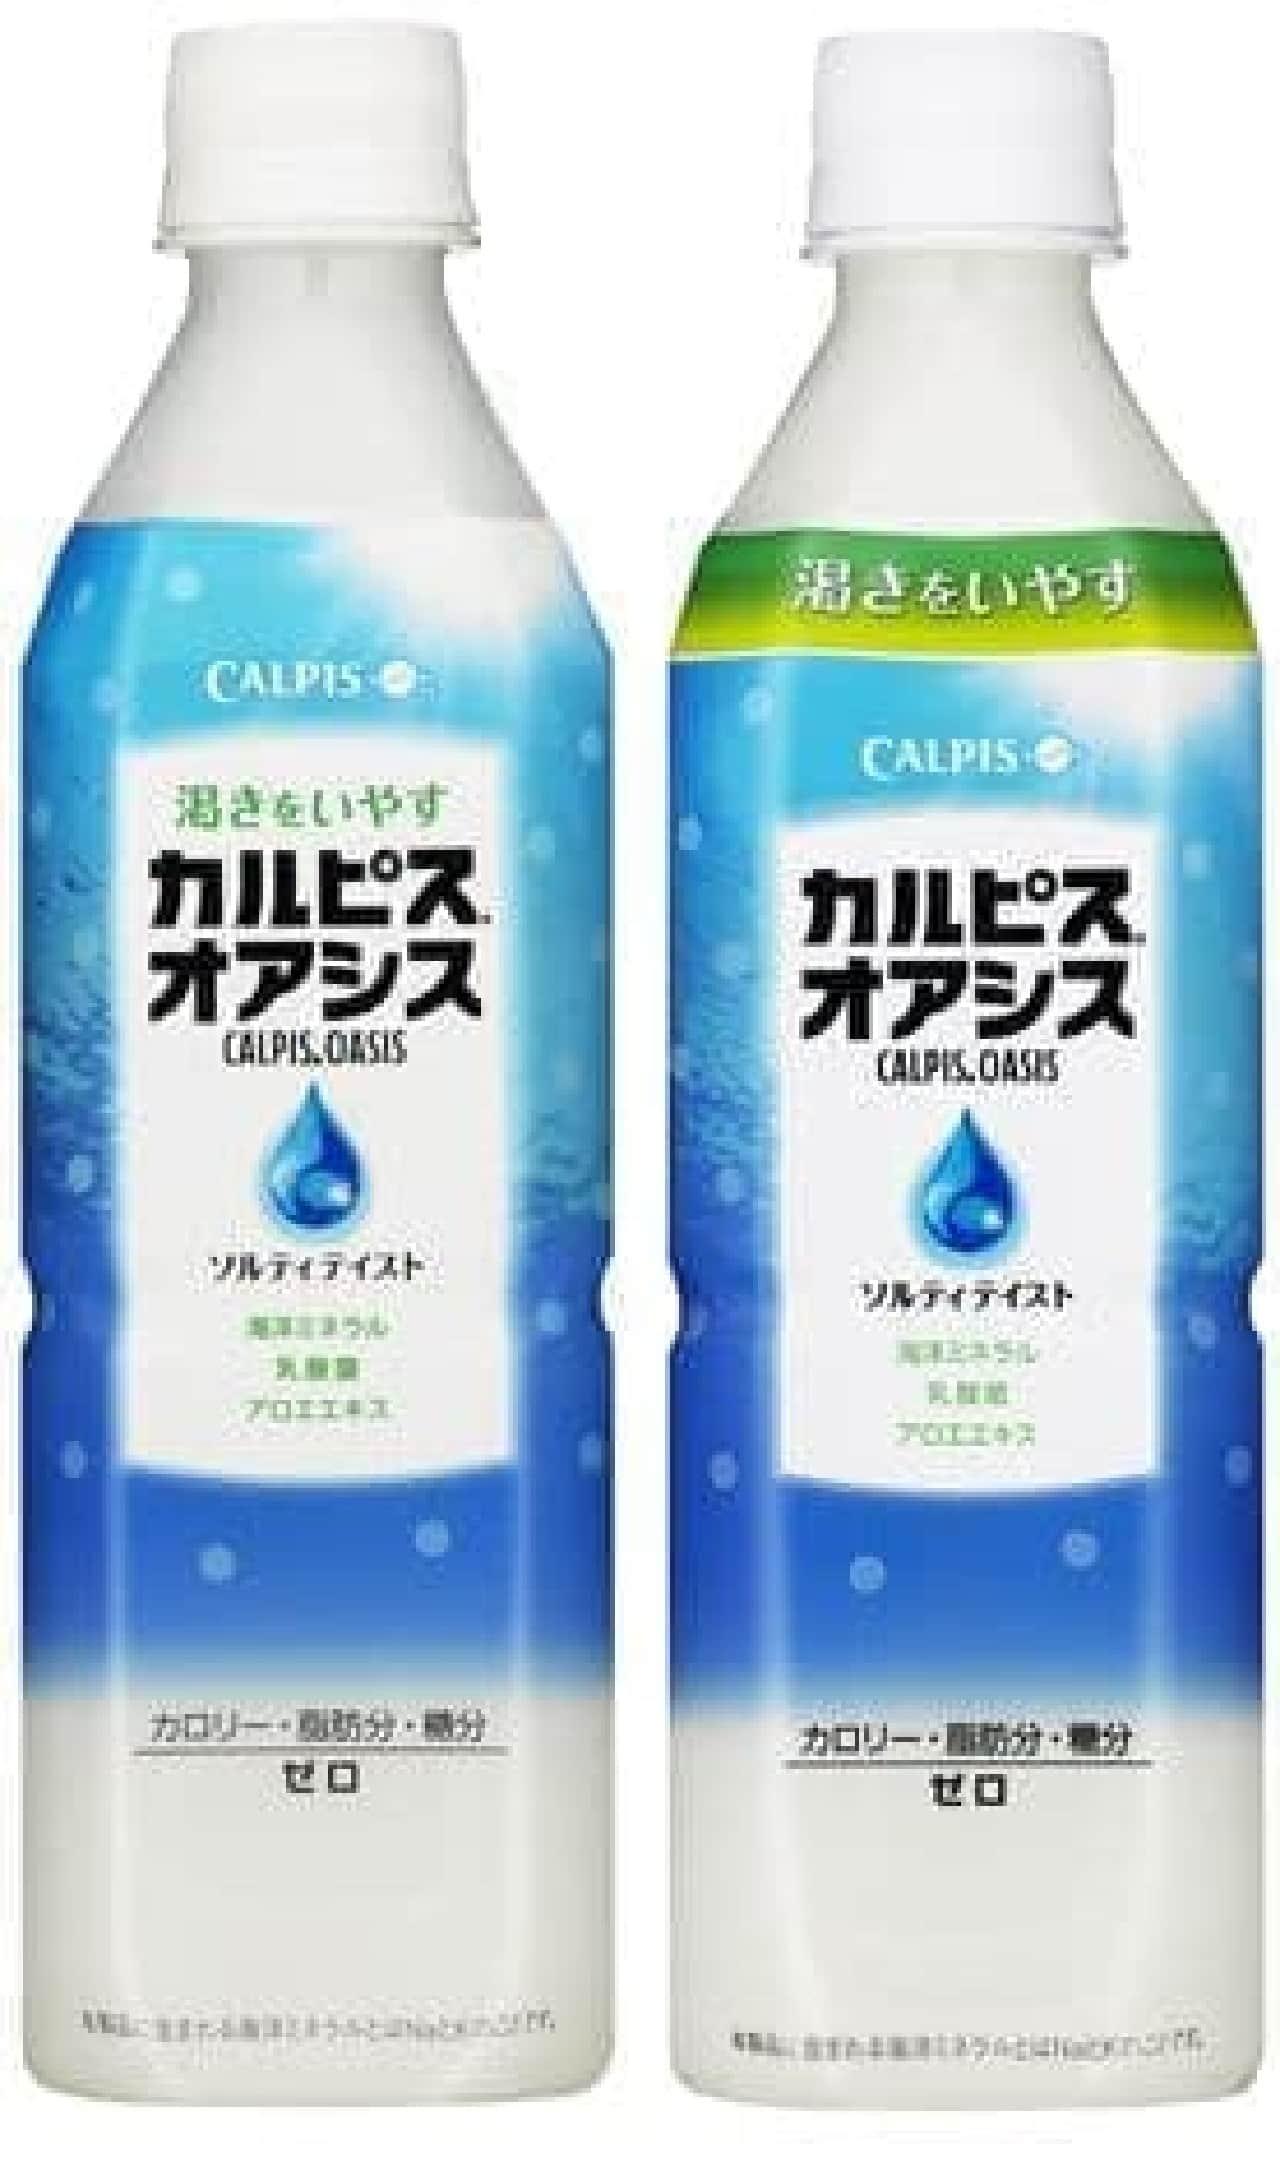 「カルピス オアシス」  通常パッケージ(左)、初回限定パッケージ(右)